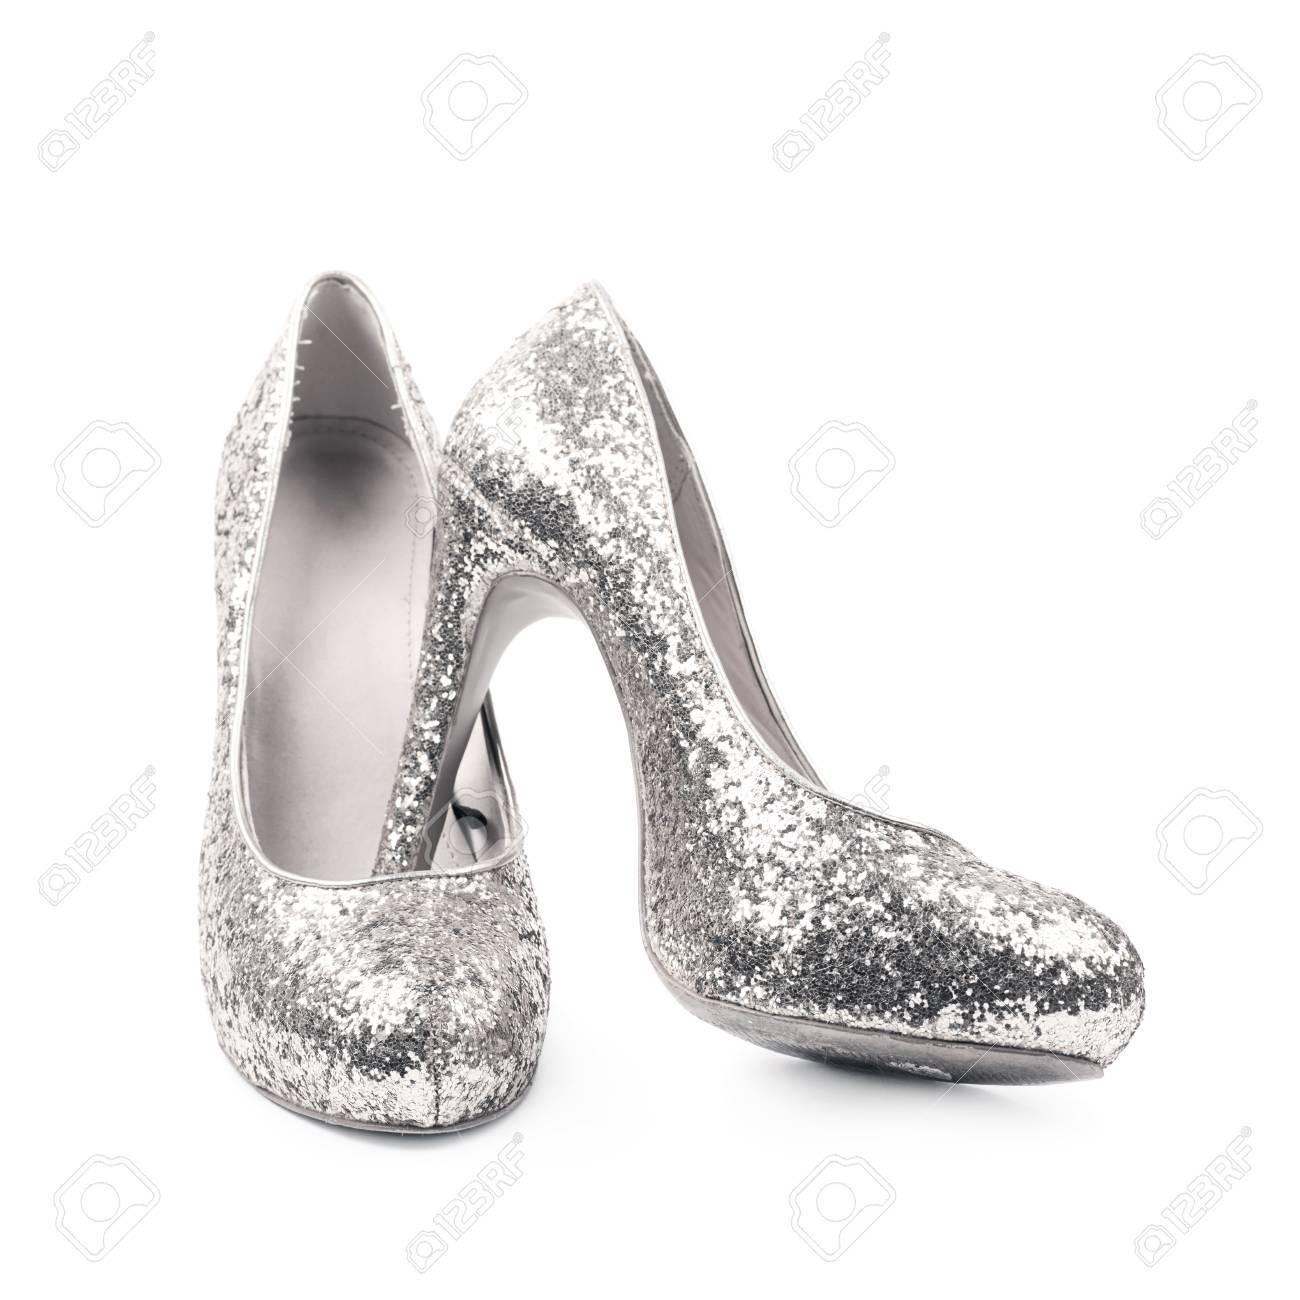 chaussure talon haut argenté